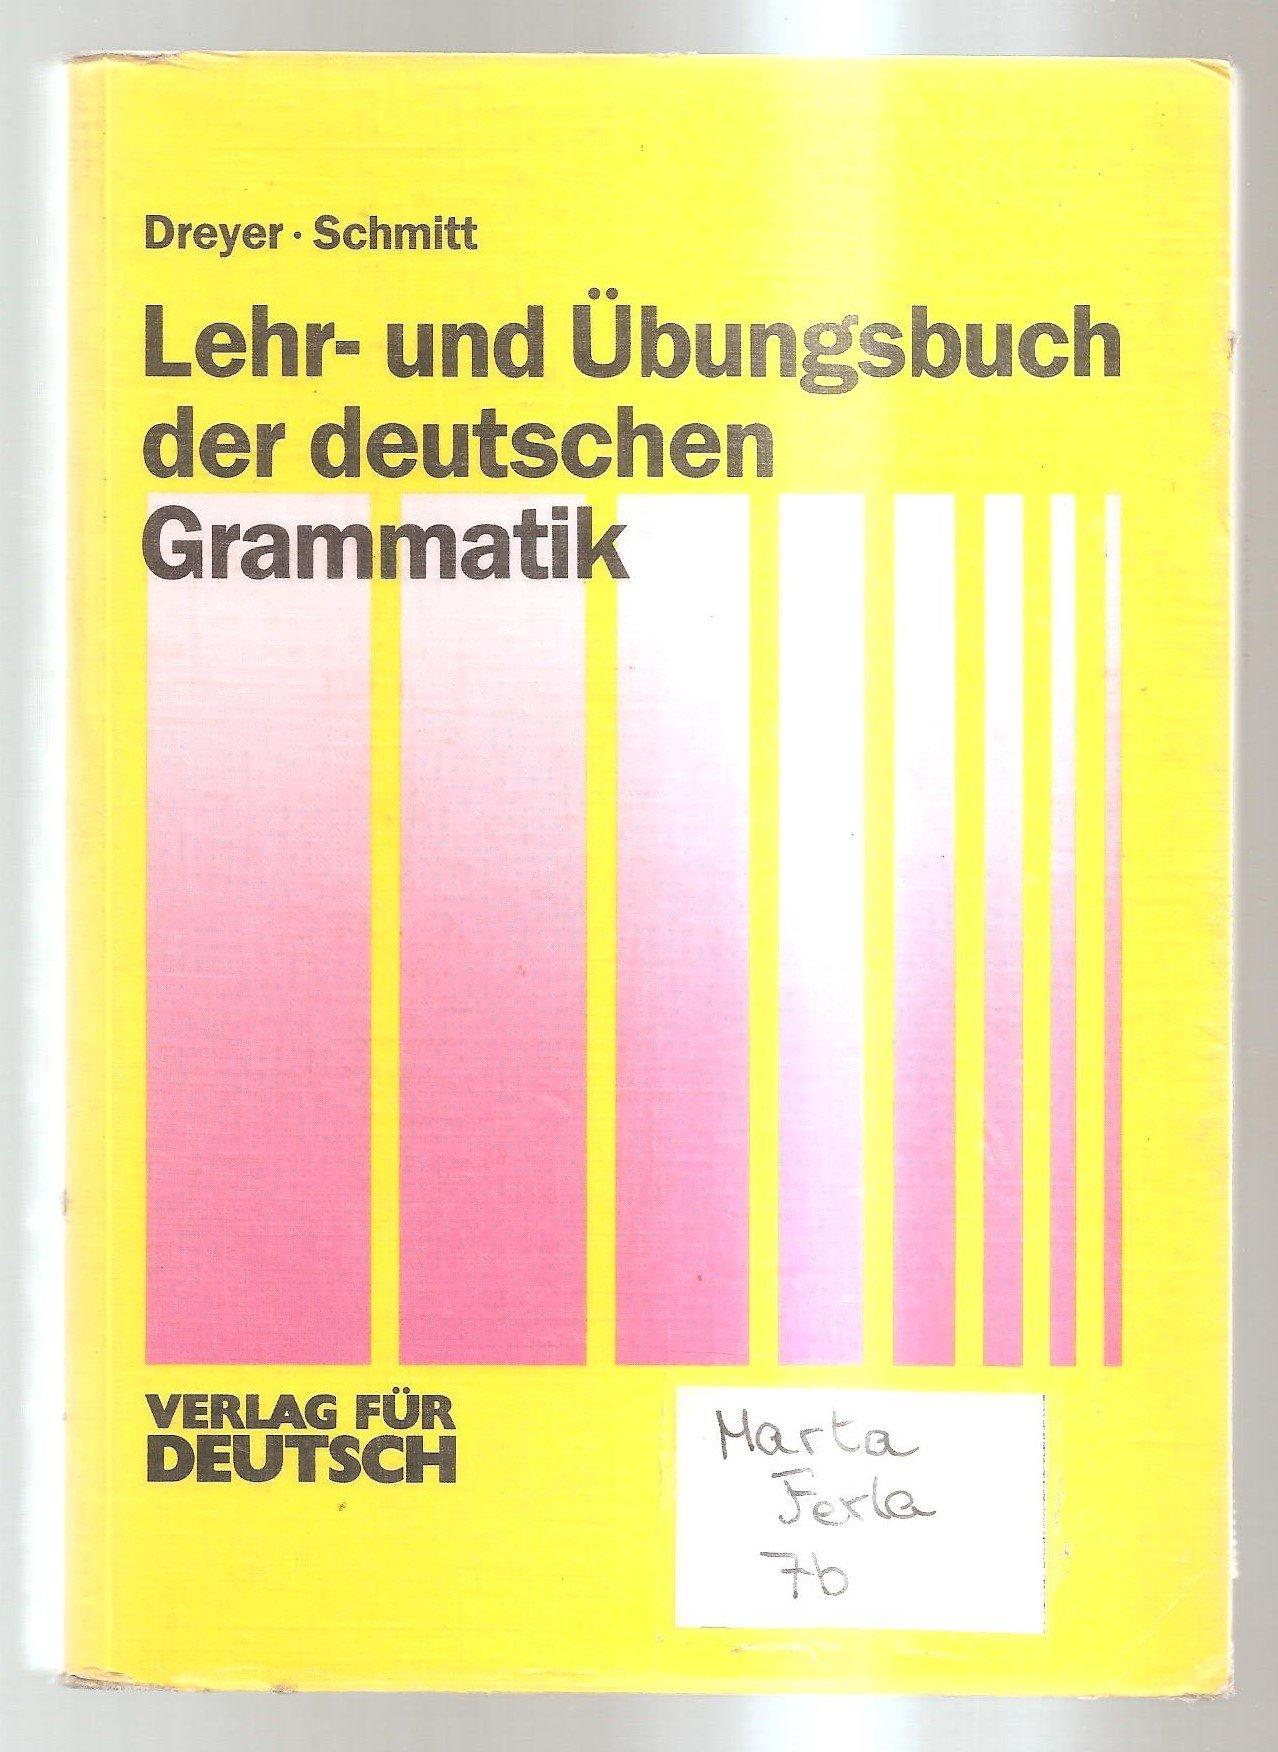 Lehr- und Übungsbuch der deutschen Grammatik, Lehr- und Übungsbuch